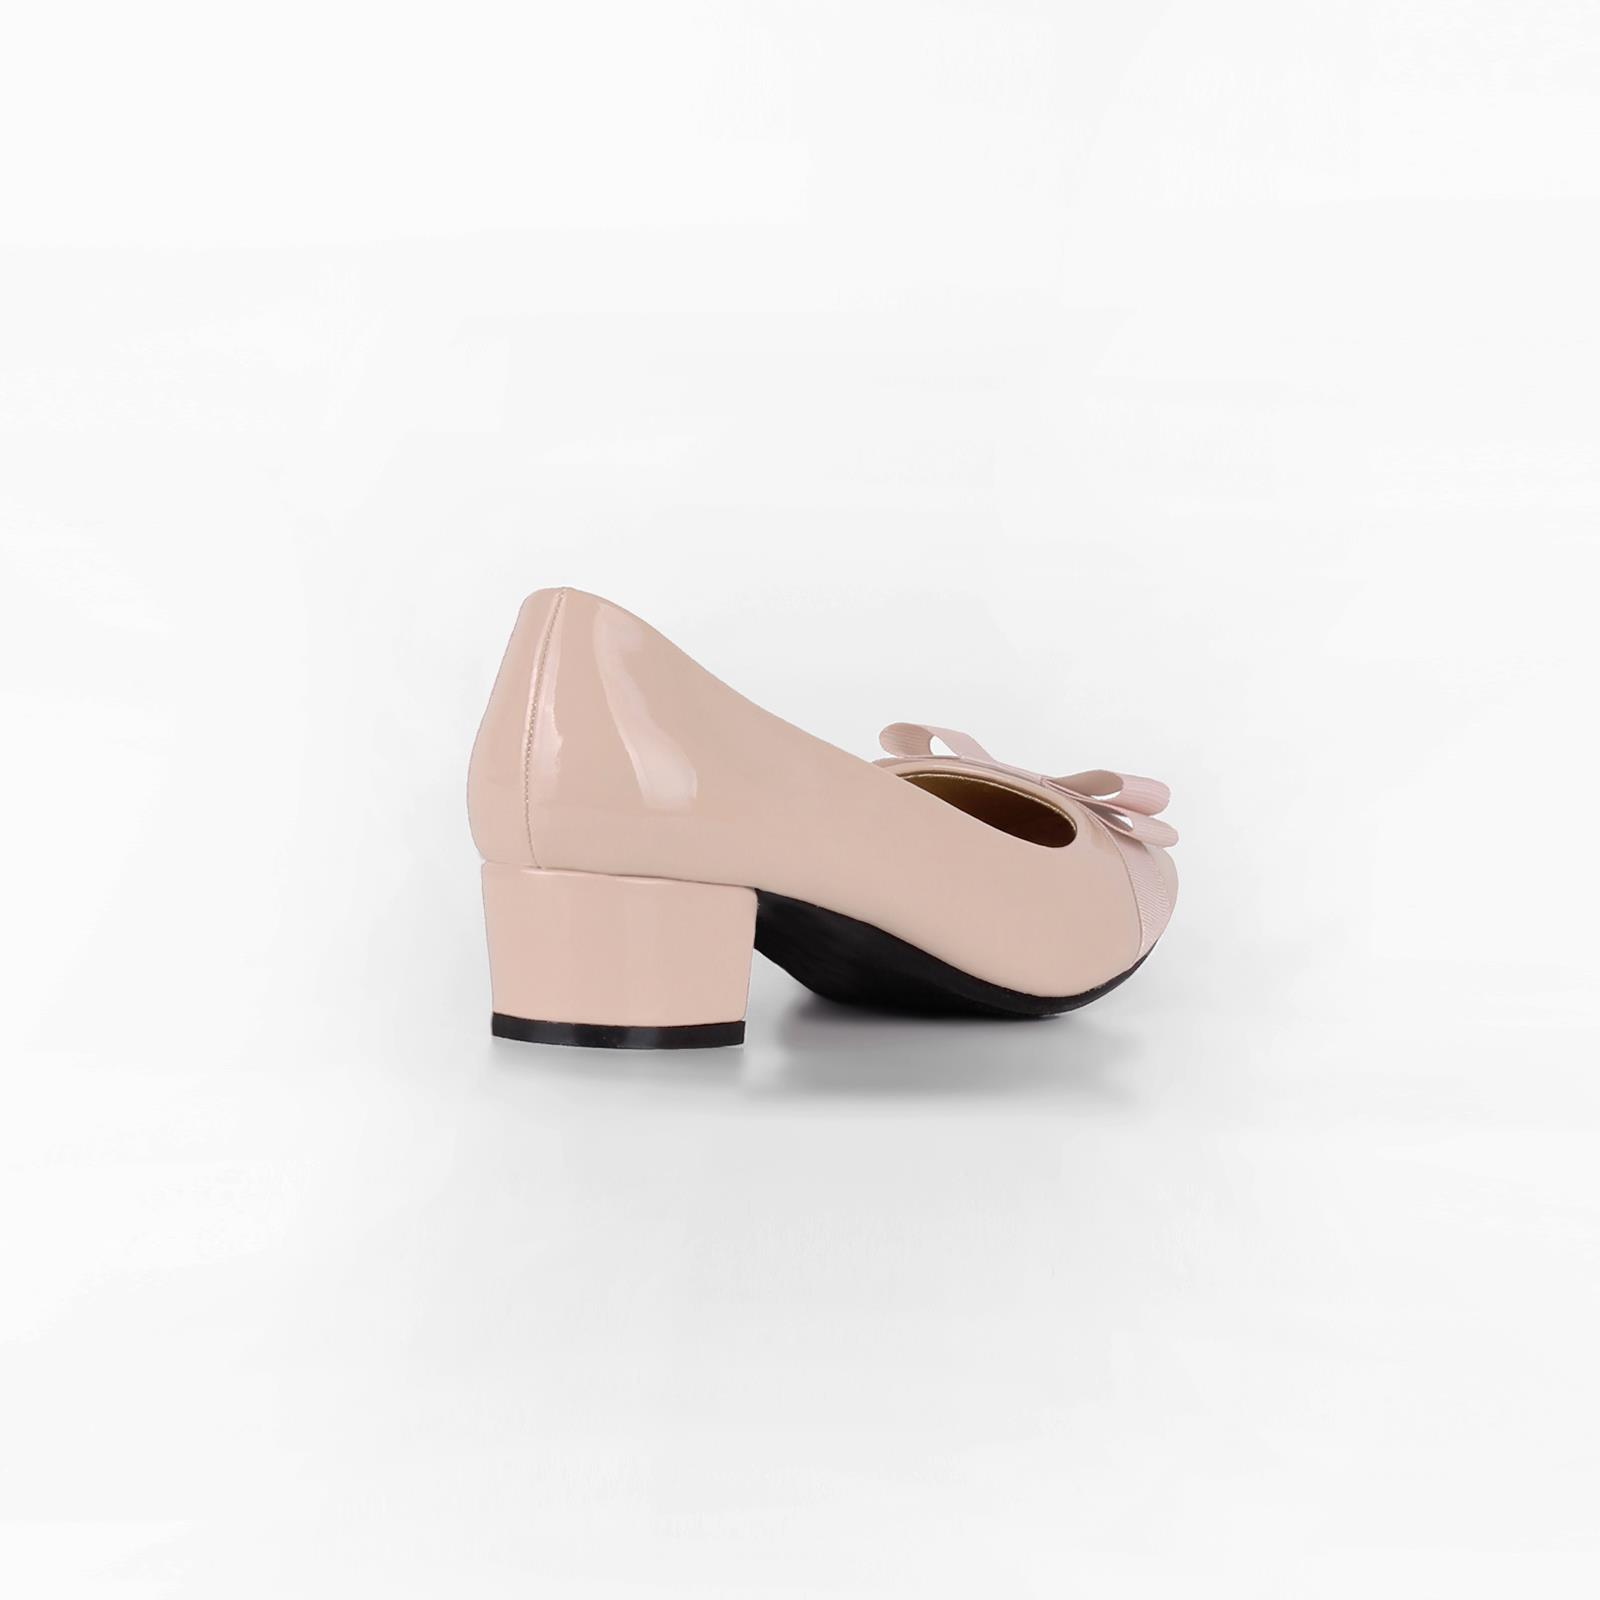 Damen-Elegante-Absatzschuhe-Hochlganz-Pumps-Blockabsatz-Ballerina-Schuhe-Chic Indexbild 35